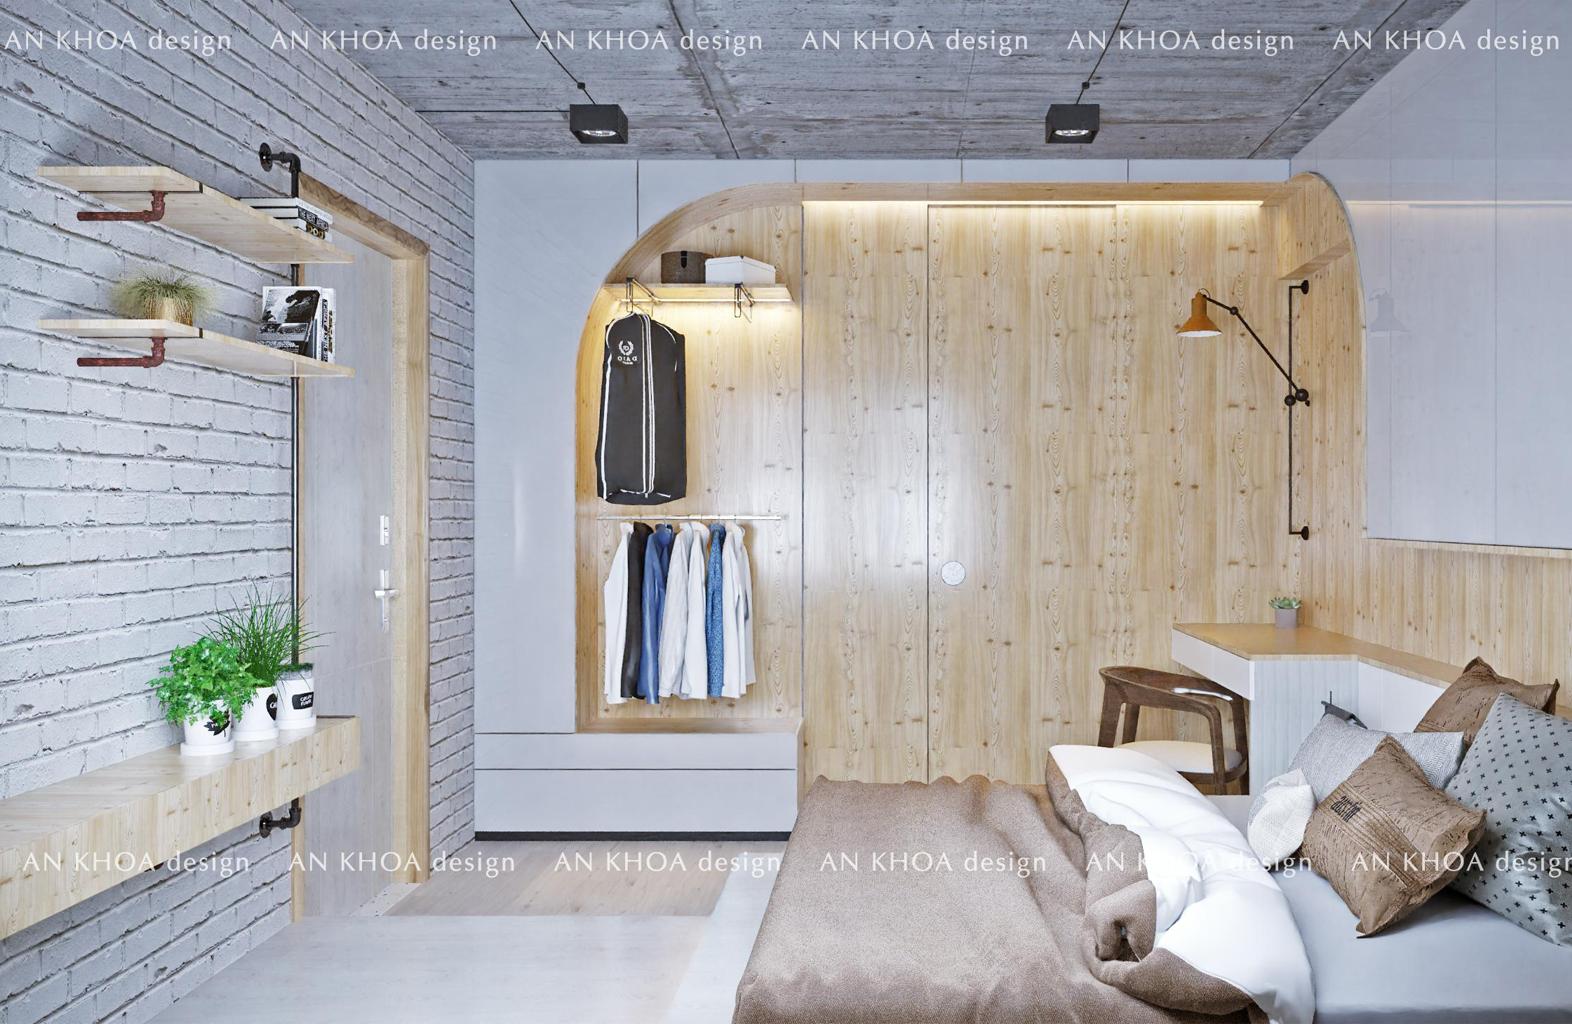 báo giá thiết kế nội thất chung cư 70m2 (1)